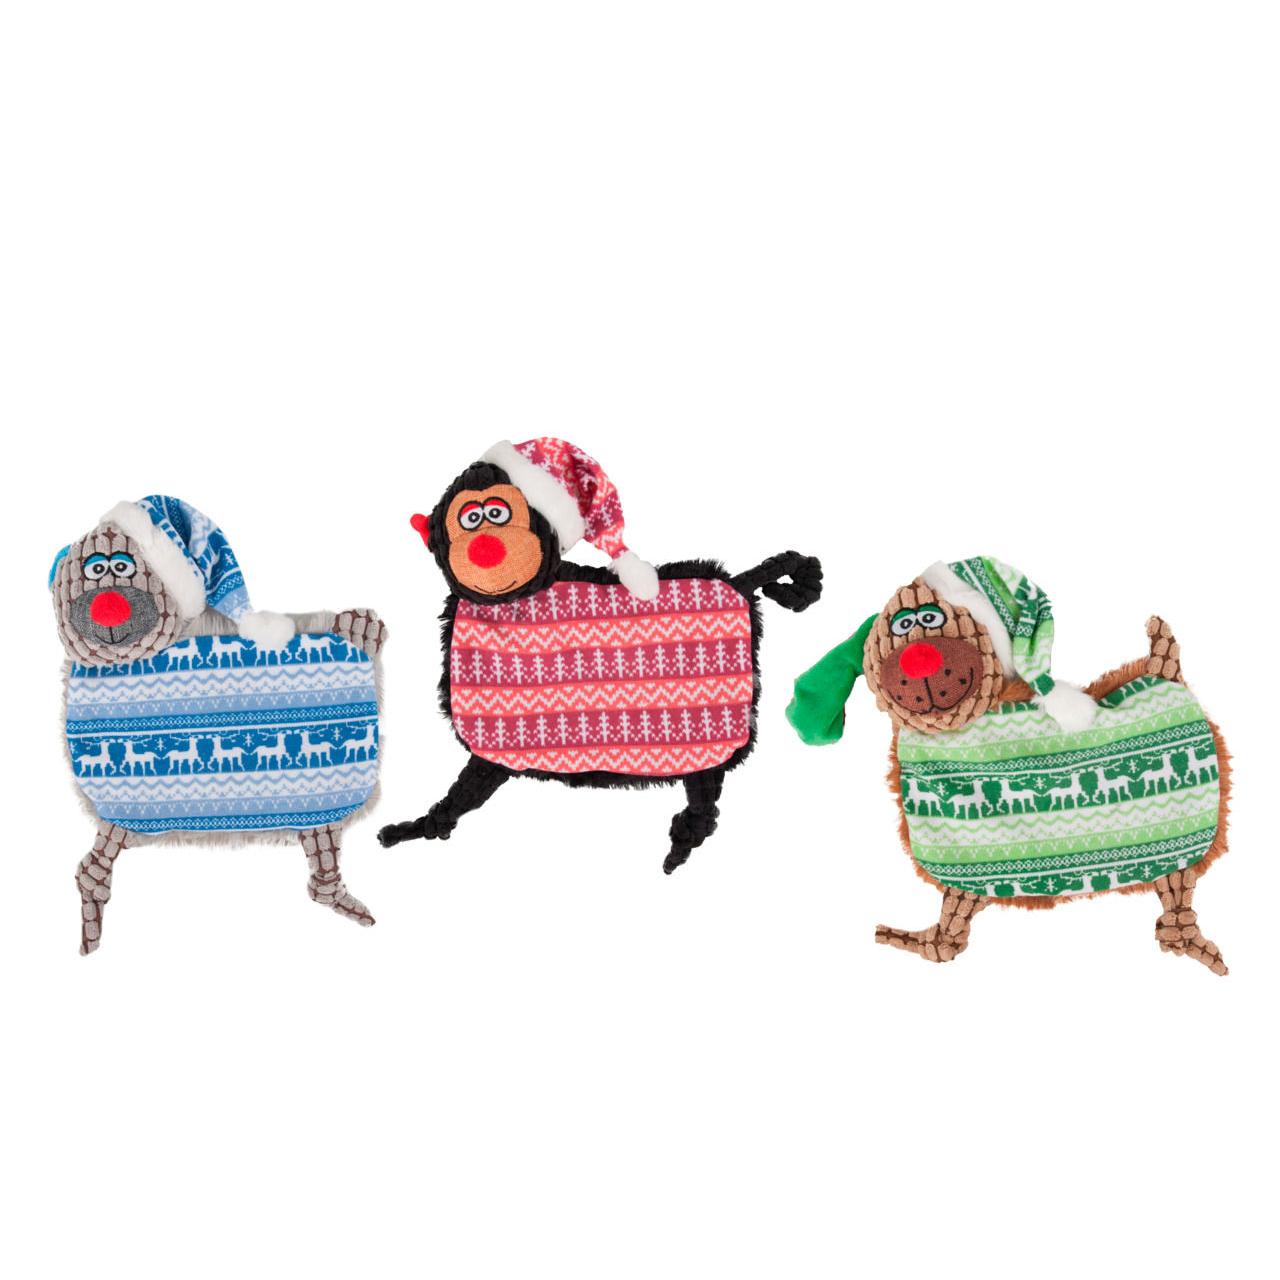 Karlie Hunde Weihnachtsspielzeug Plüsch, 26 cm Knister